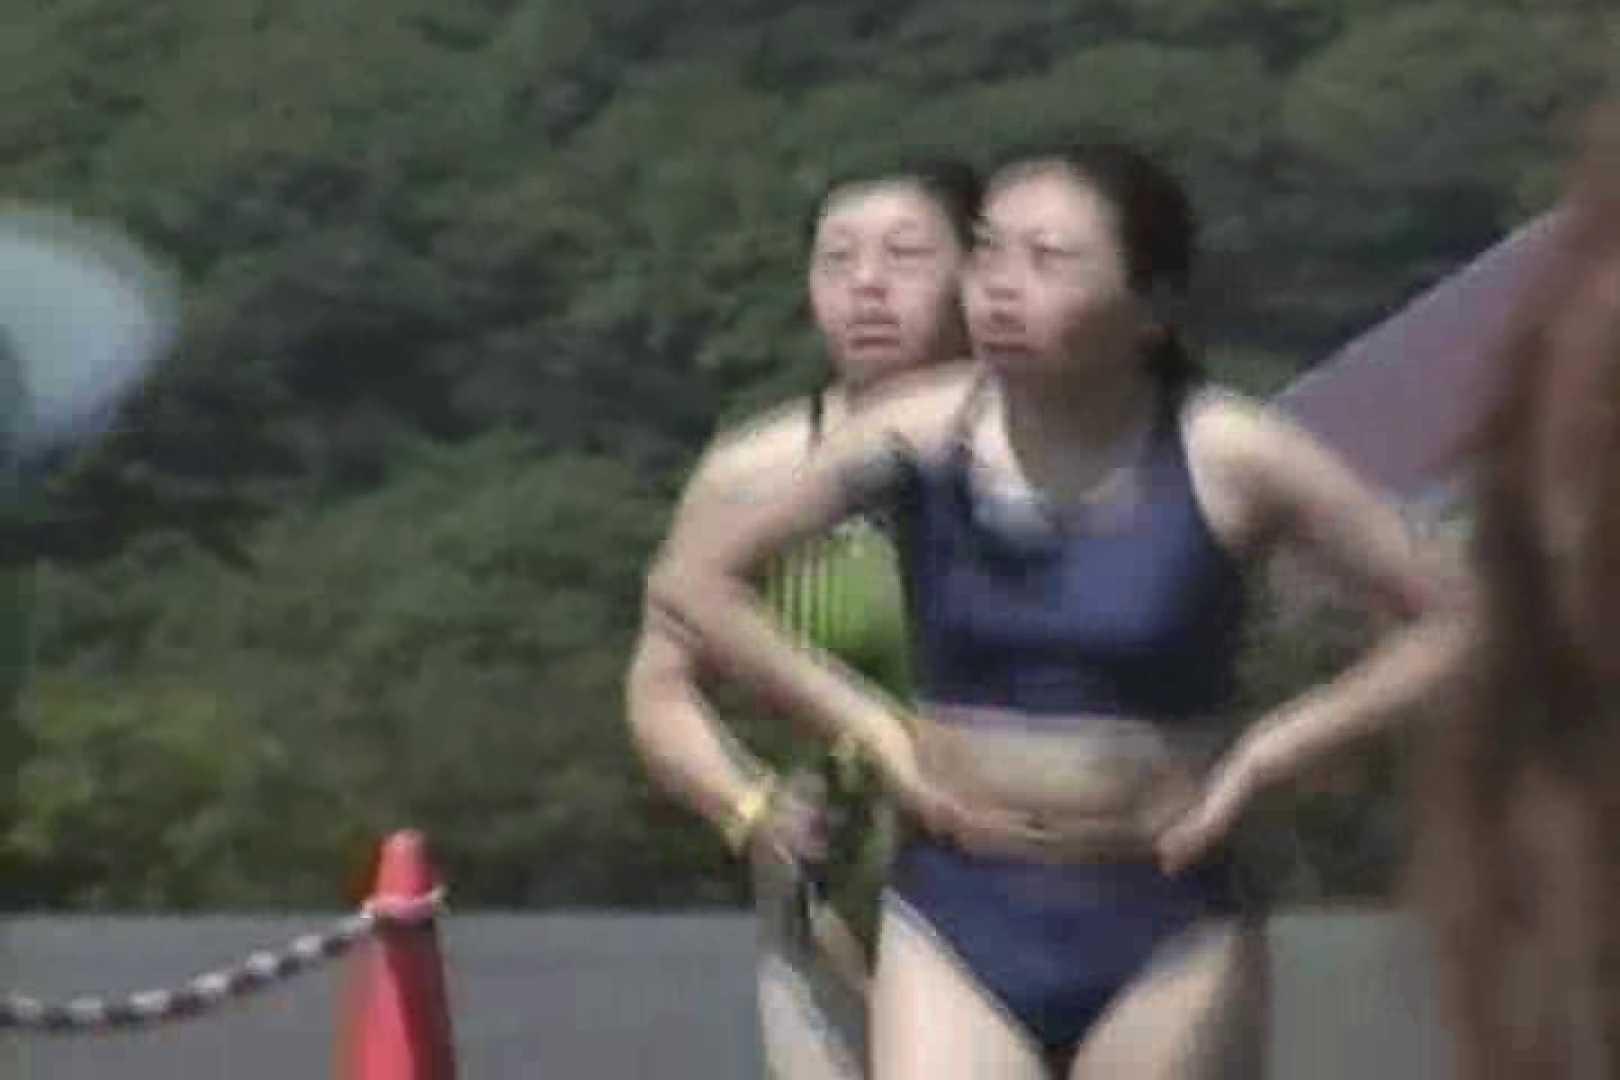 鉄人レース!!トライアスロンに挑む女性達!!Vol.6 美女OL  68連発 32